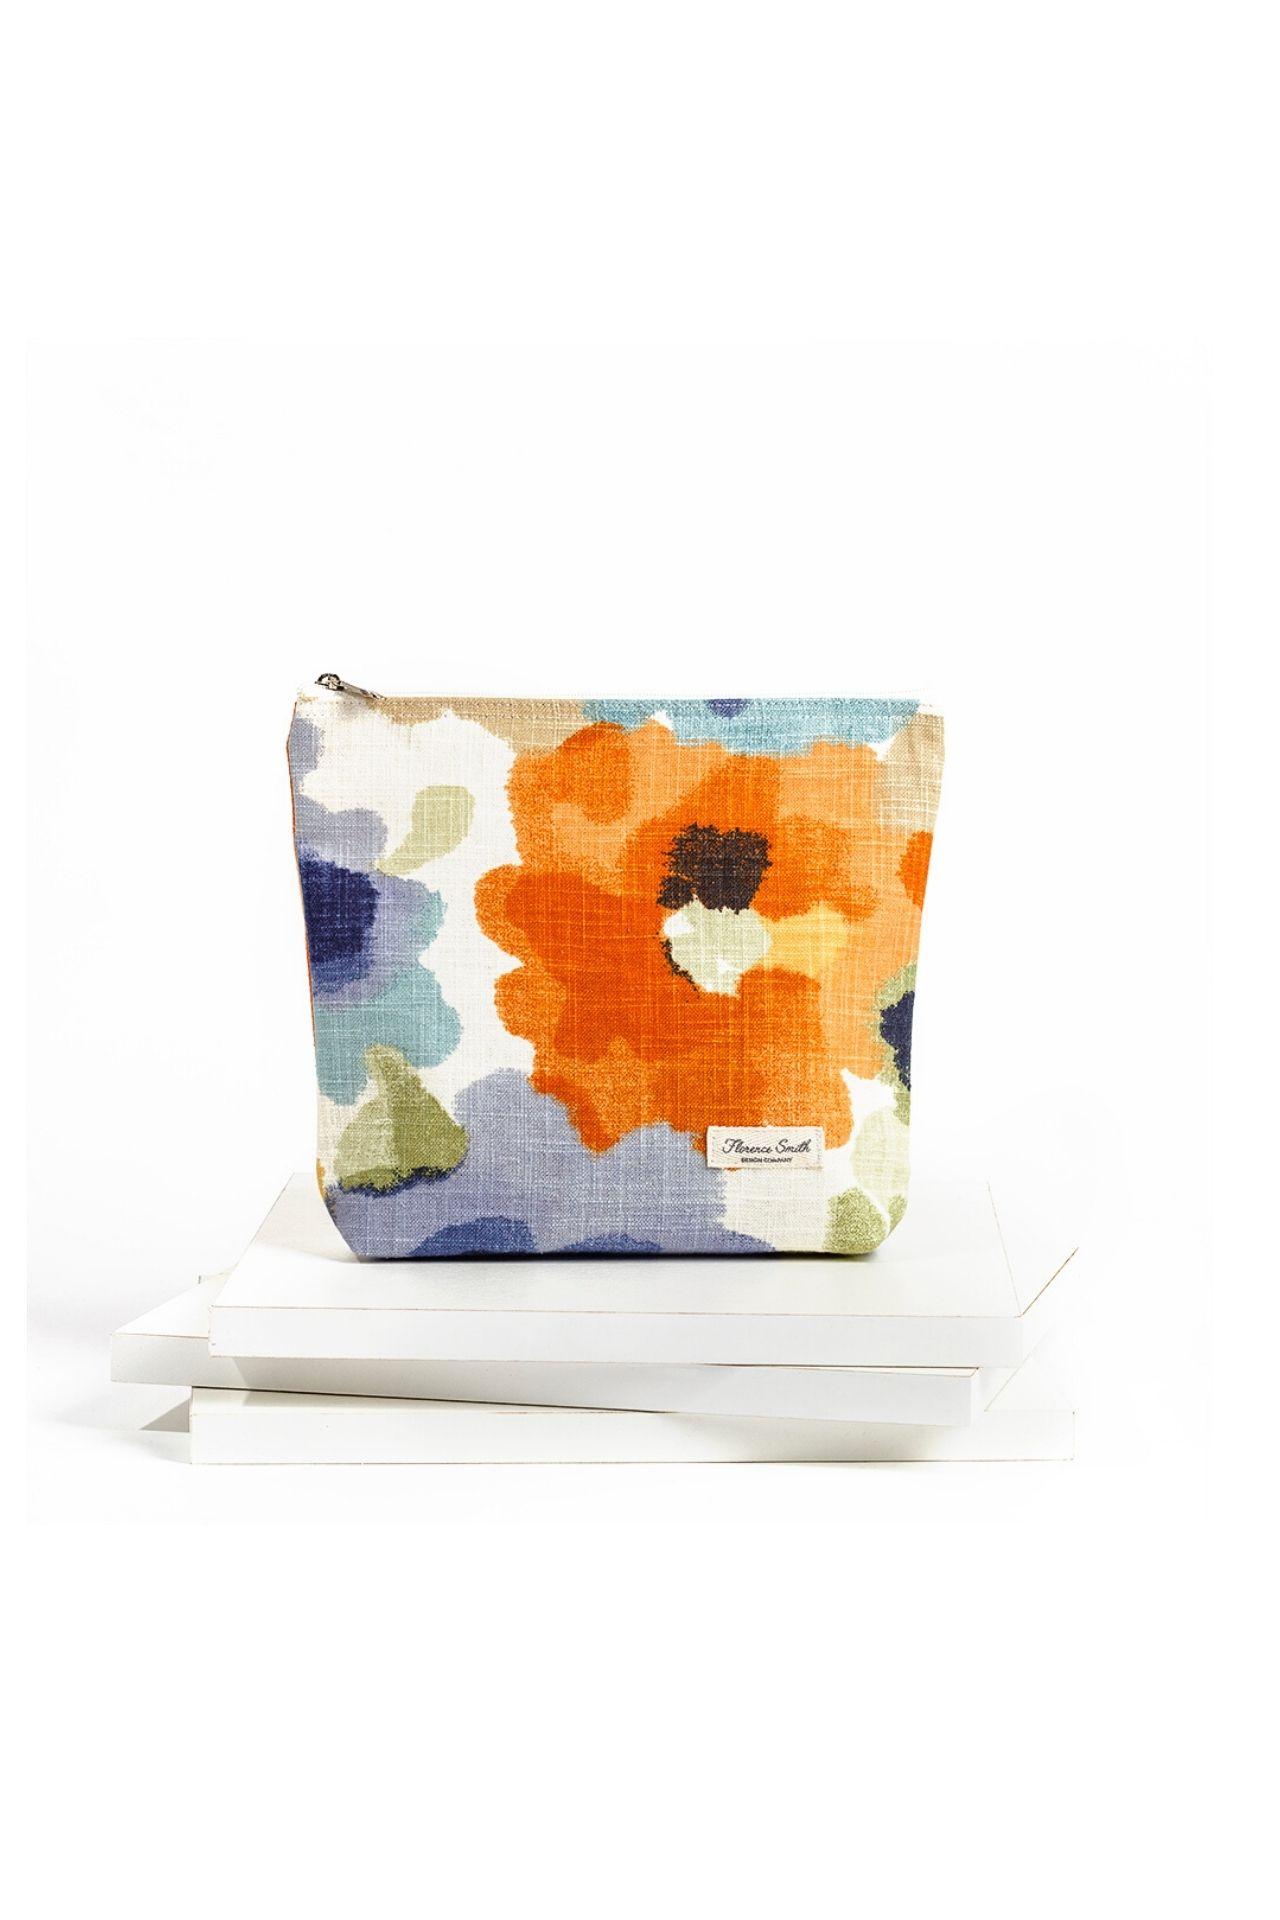 Medida: 26 cm de ancho x 21 cm de alto.  Tela multicolor con flores de colores.   Cierre premium y jalador super resistente.   Plastificado por dentro.   Úsalo como neceser o como clutch para salir.